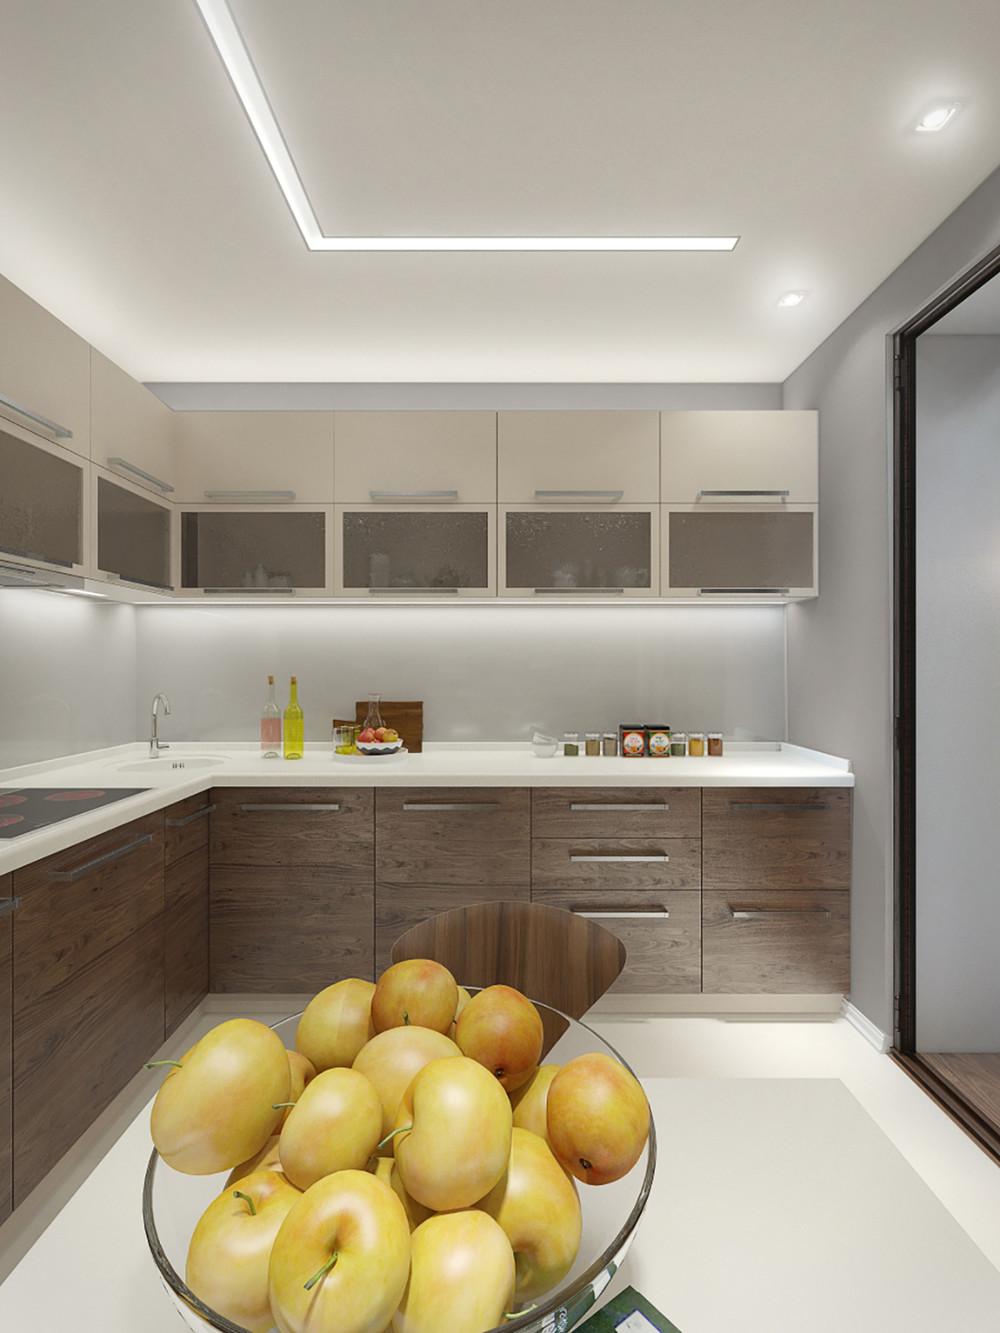 dvustaen-apartament-s-moderen-i-praktichen-interior-v-moskva-58-m-5